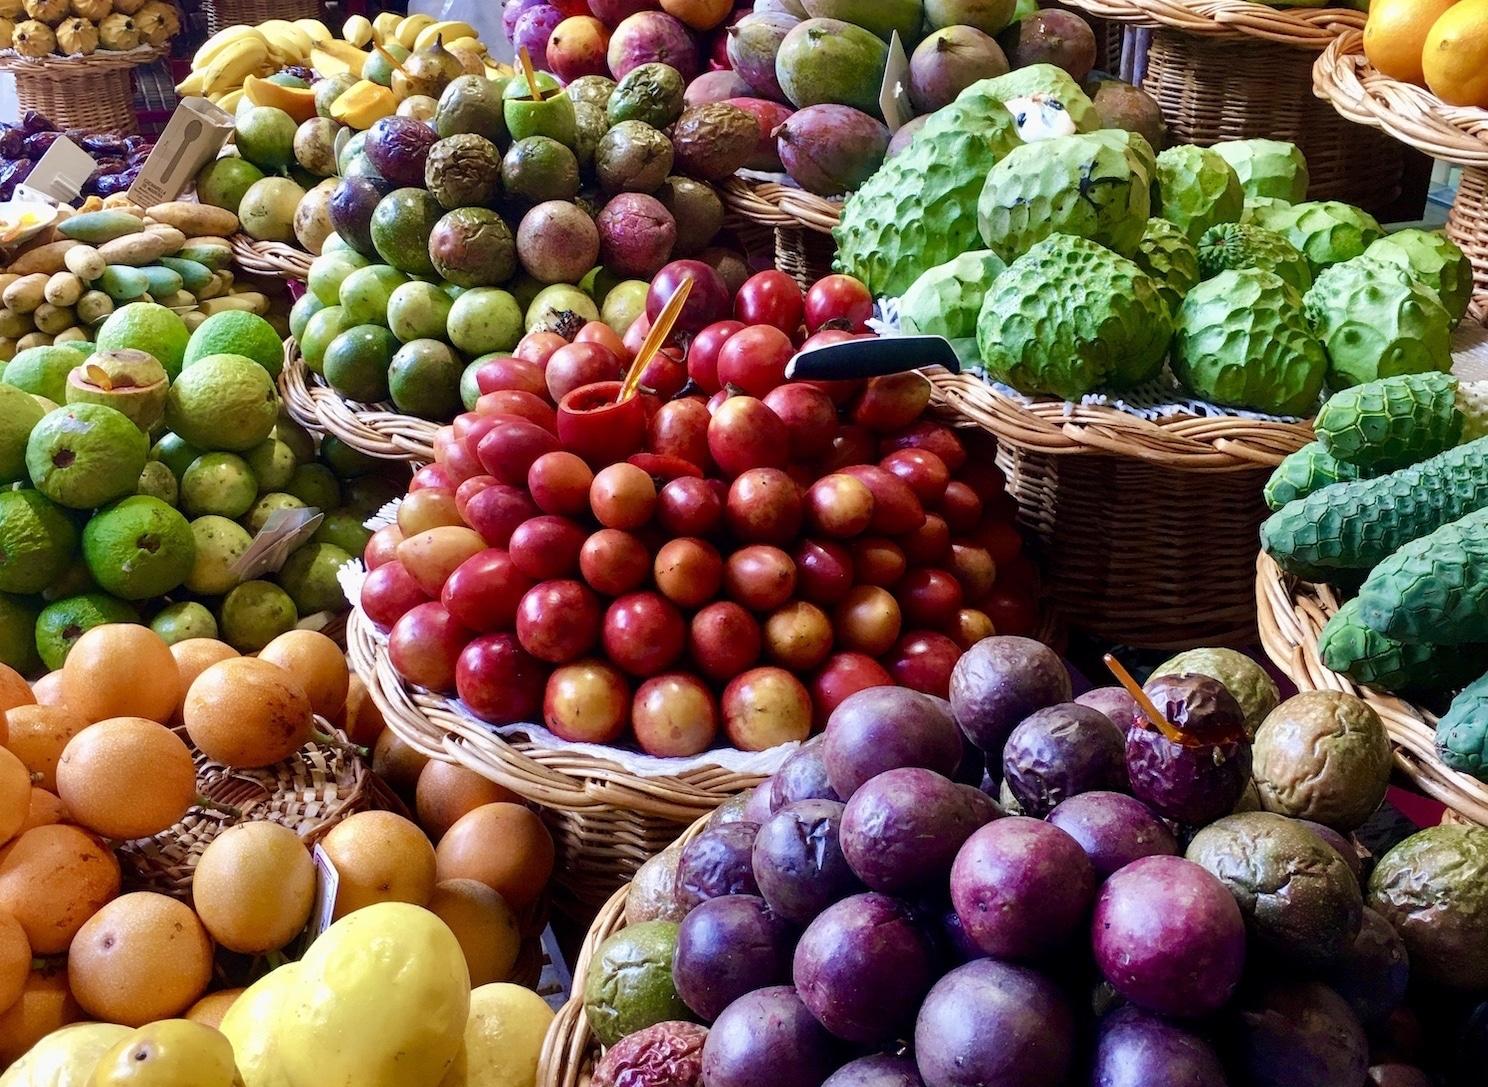 Hotel Estalagem do Ponta do Sol Madeira Fruit market